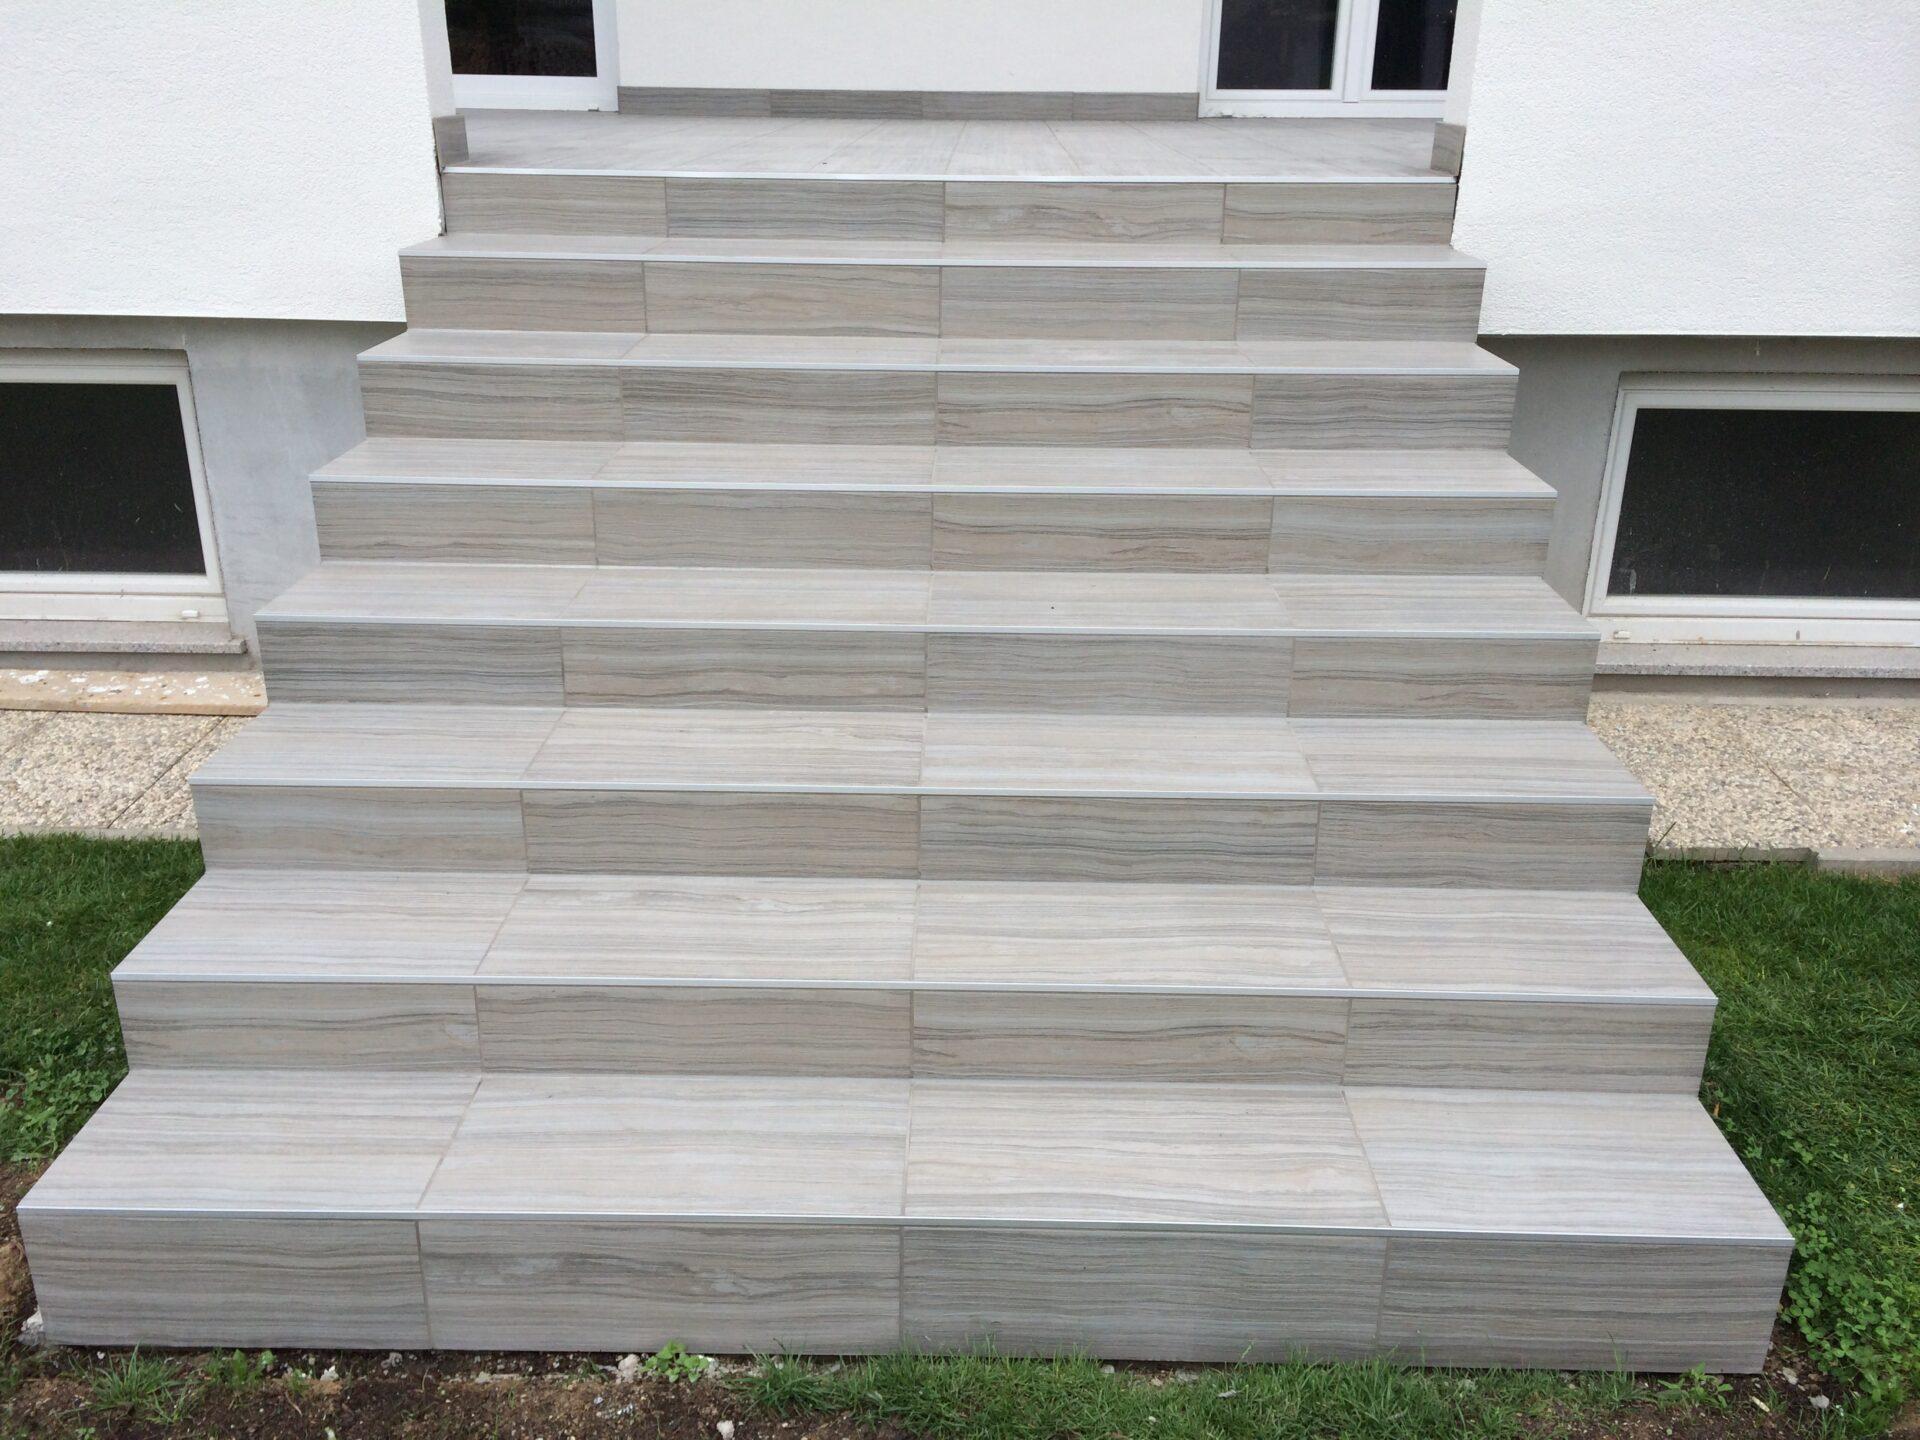 Polaganje talnih ploščic na stopnice, ki gredo na teraso